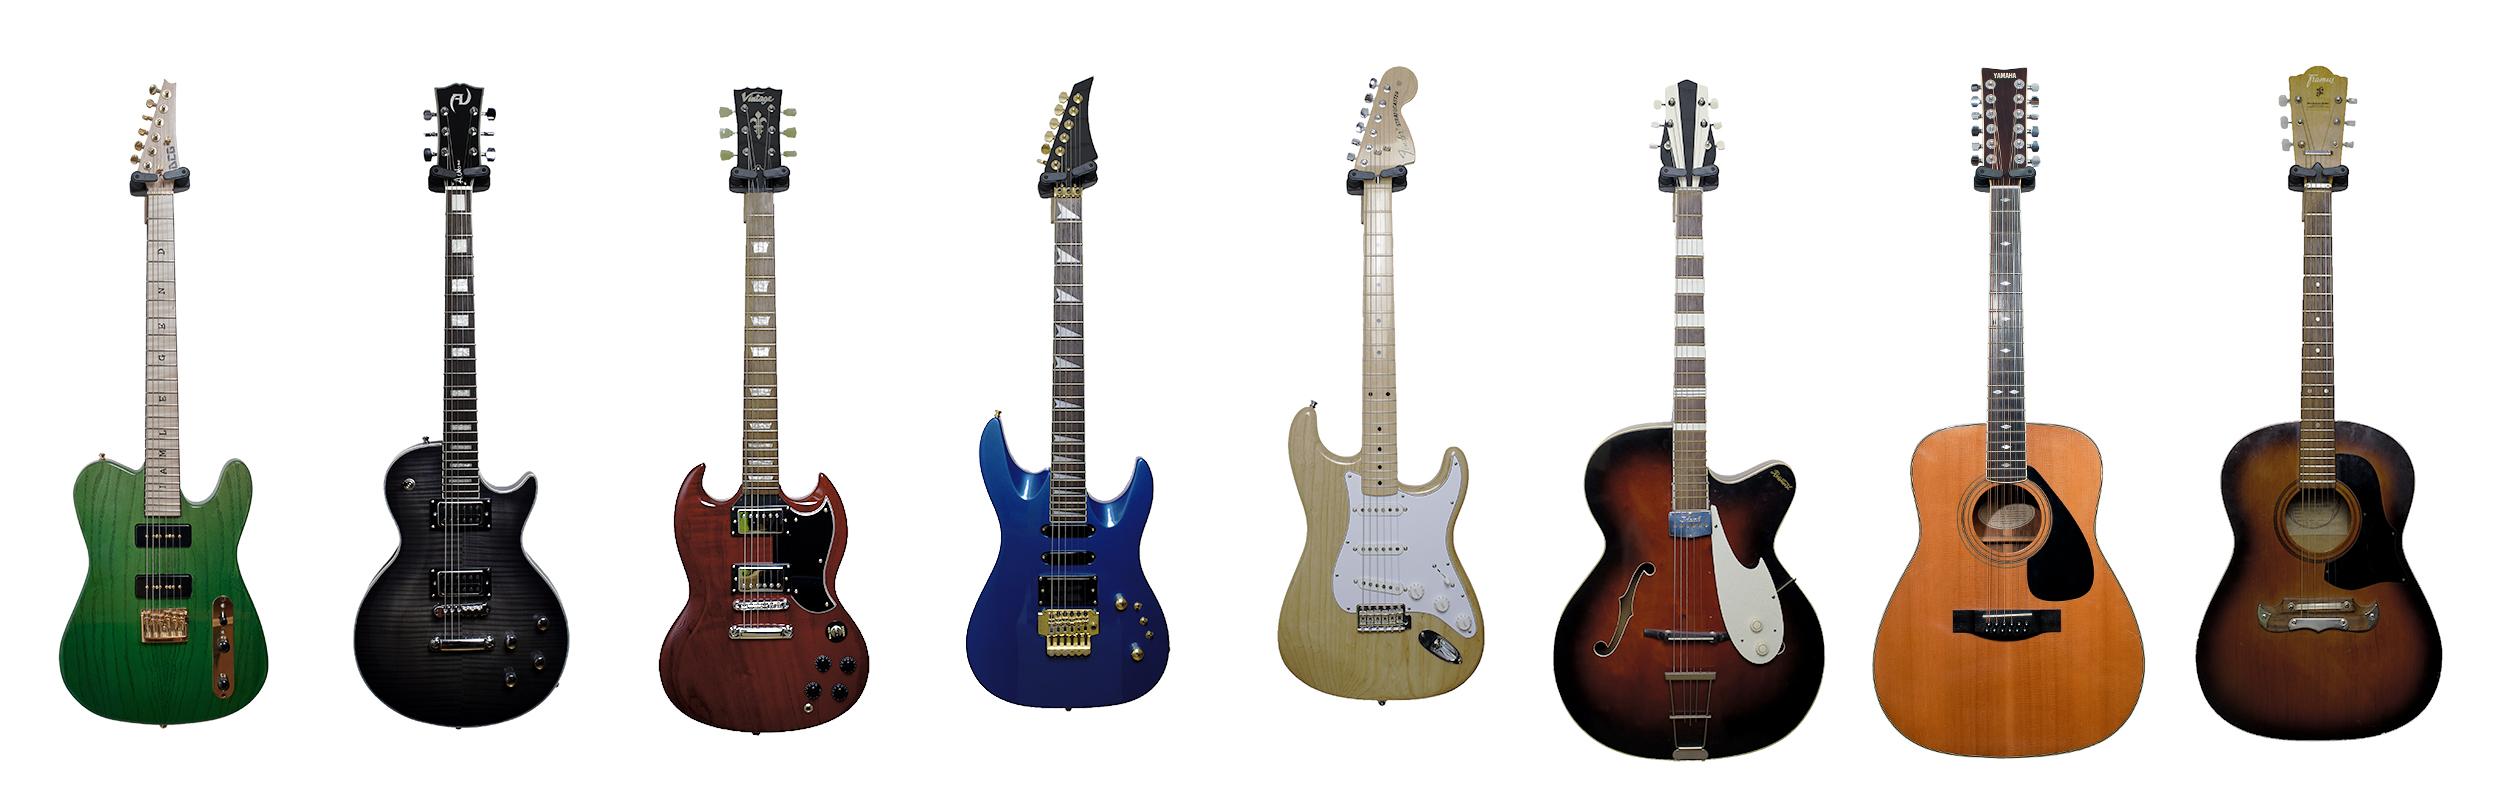 wieviele gitarren habt ihr seite 49 gitarren. Black Bedroom Furniture Sets. Home Design Ideas